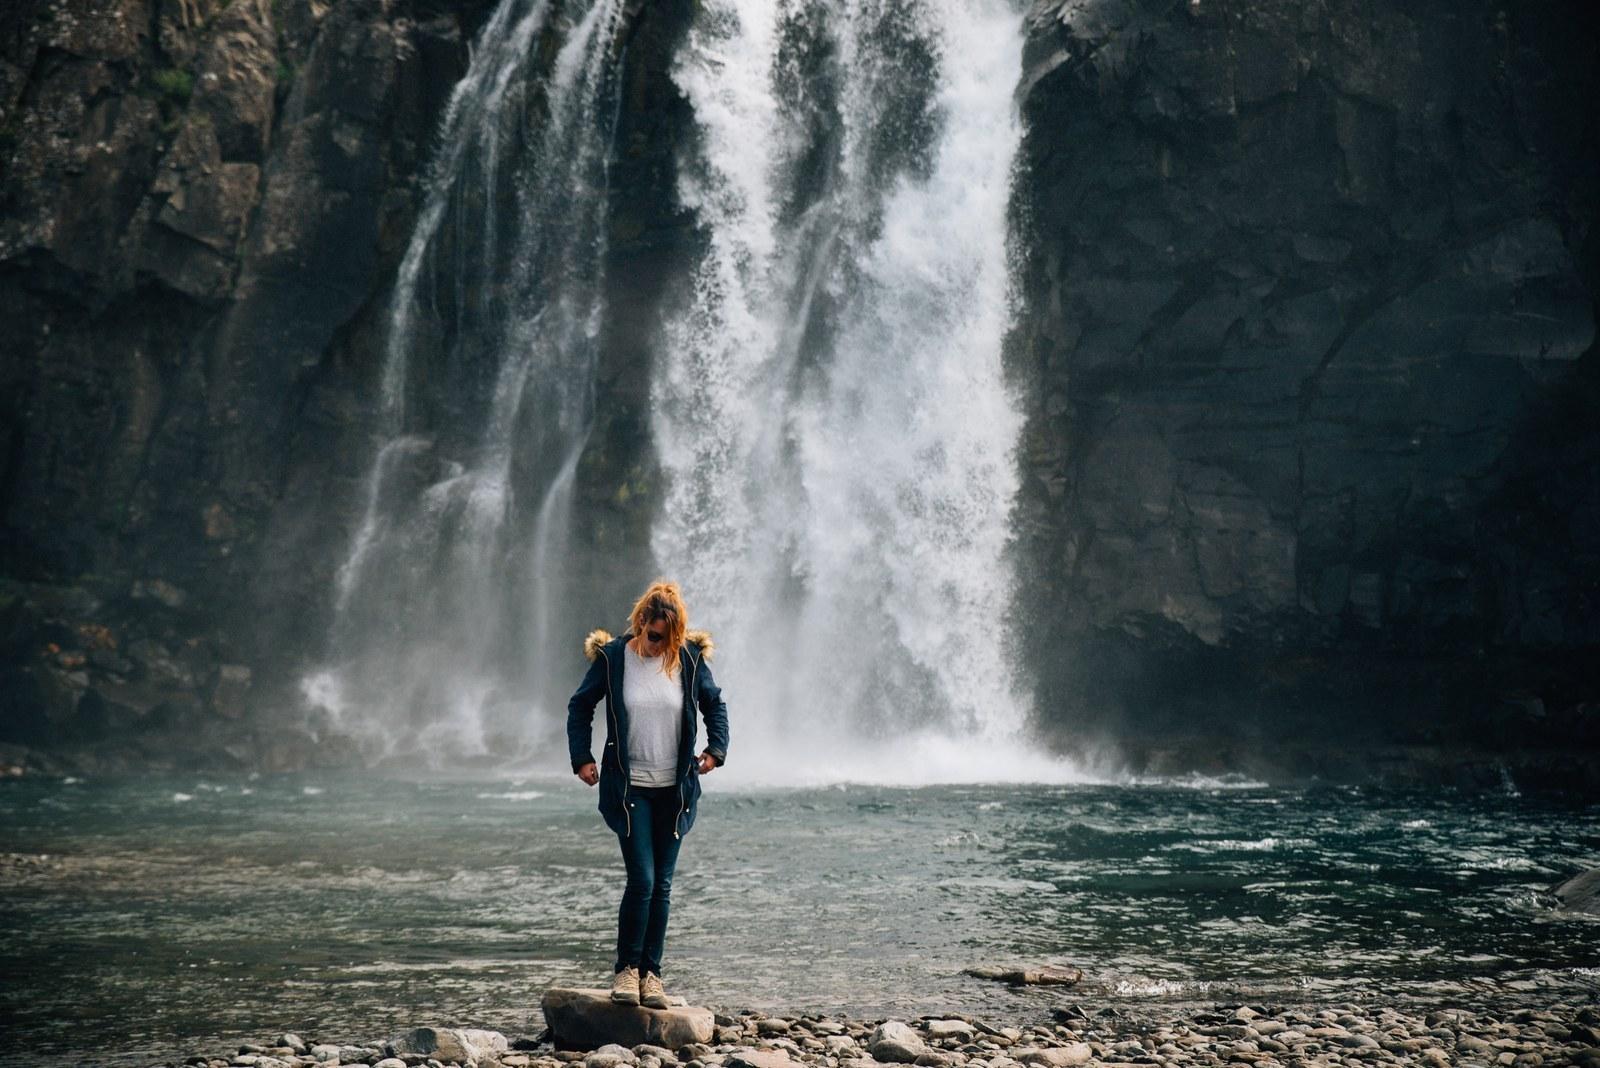 Manue, au pied de la cascade de Bíldudalsvegur Bildudalur